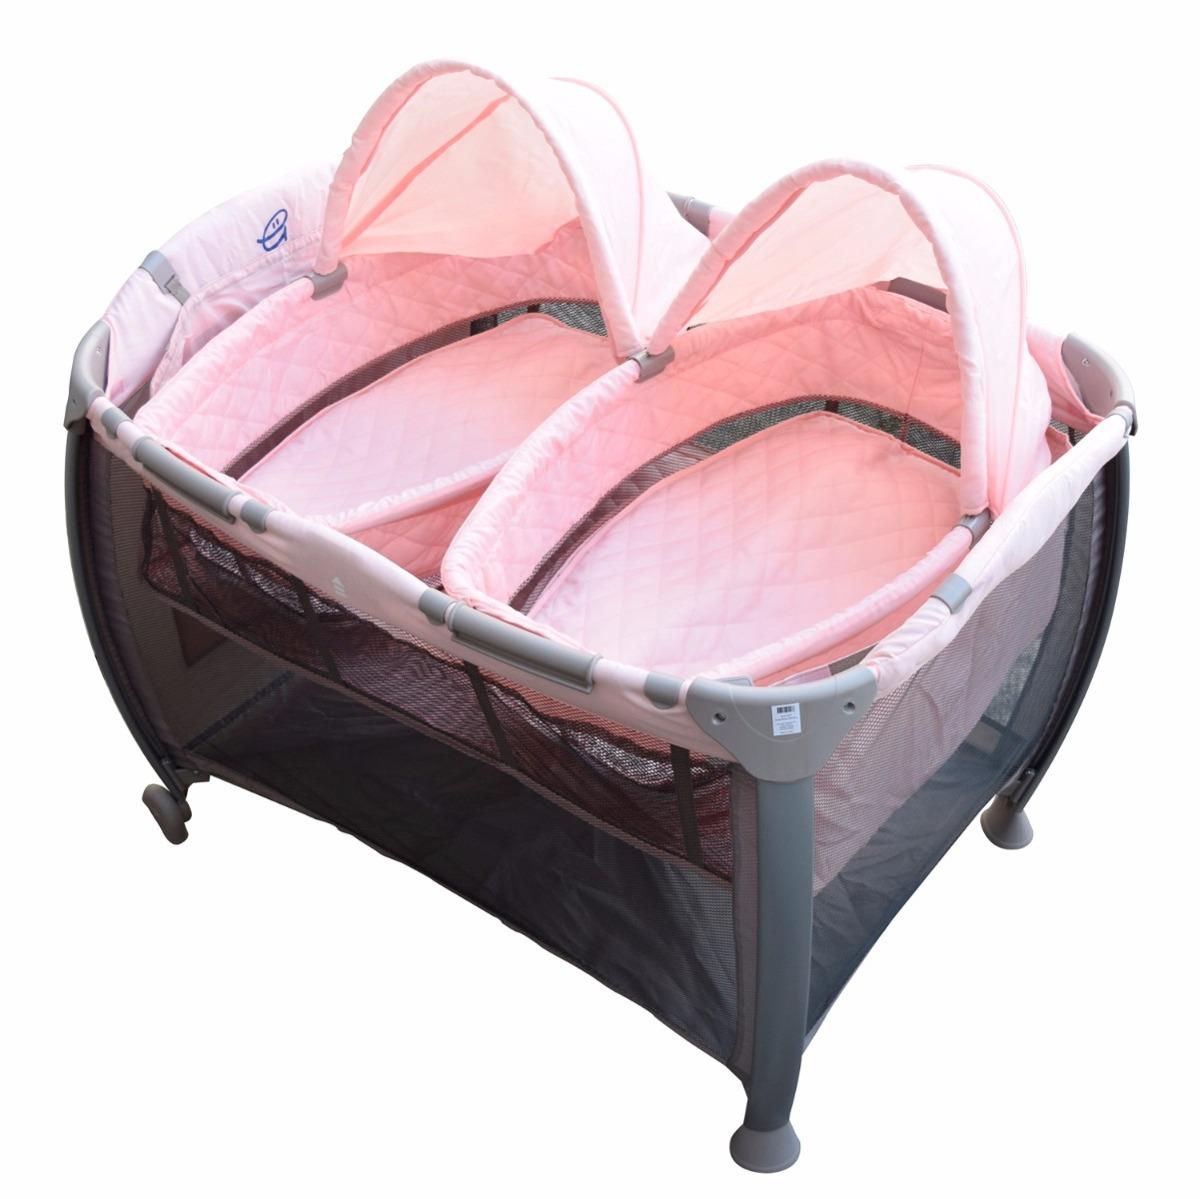 Moises Bebe - Cunas y Catres para Bebés al mejor precio en Mercado ...